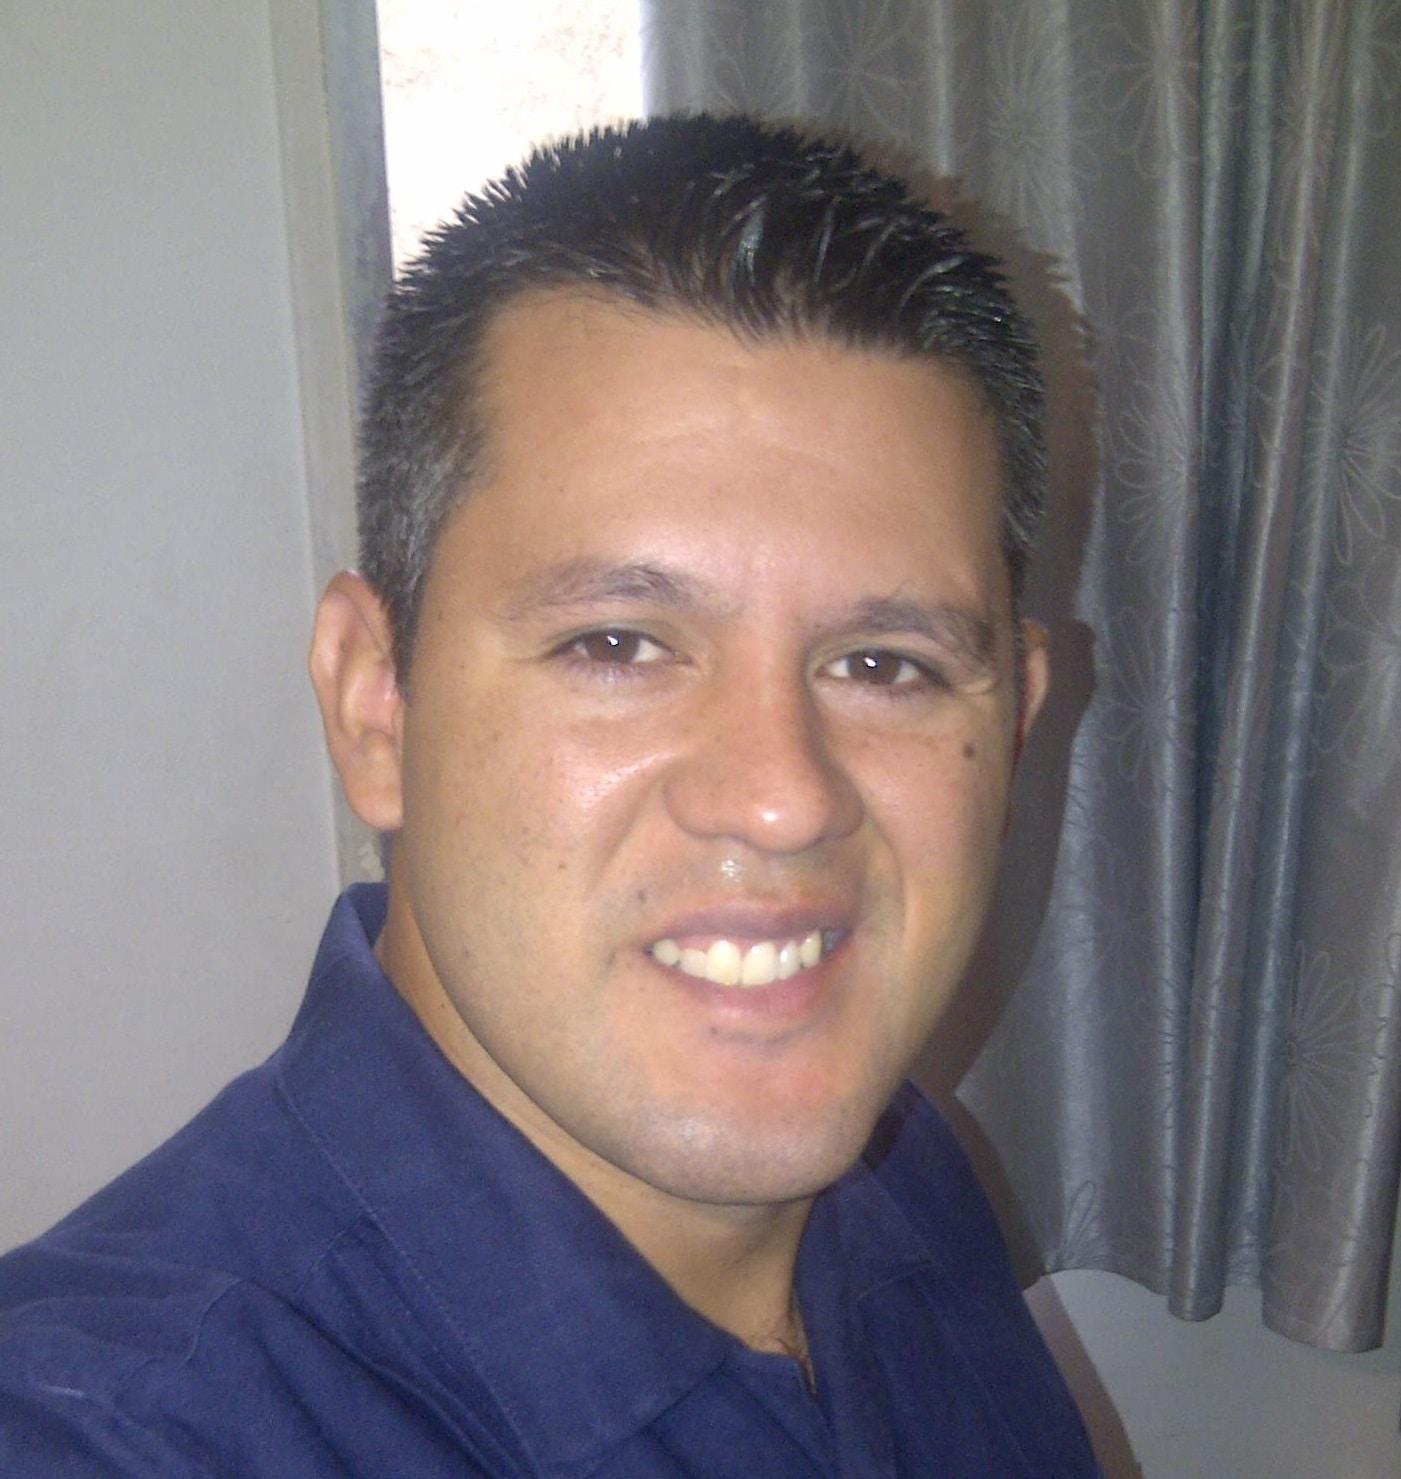 Go to Willian Contreras's profile